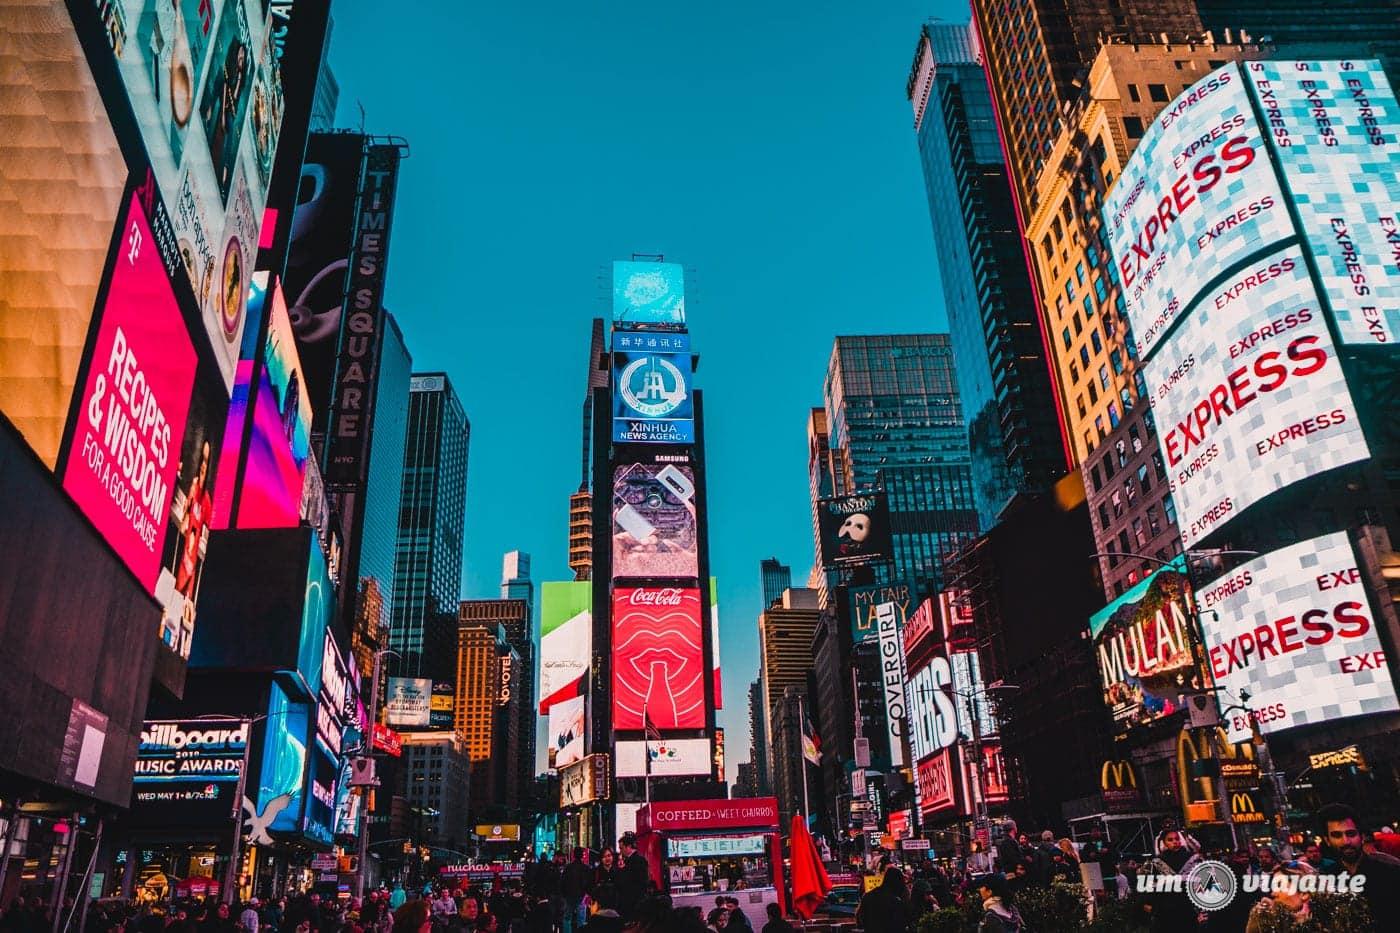 Quantos dias ficar em Nova York: qual é o tempo ideal?